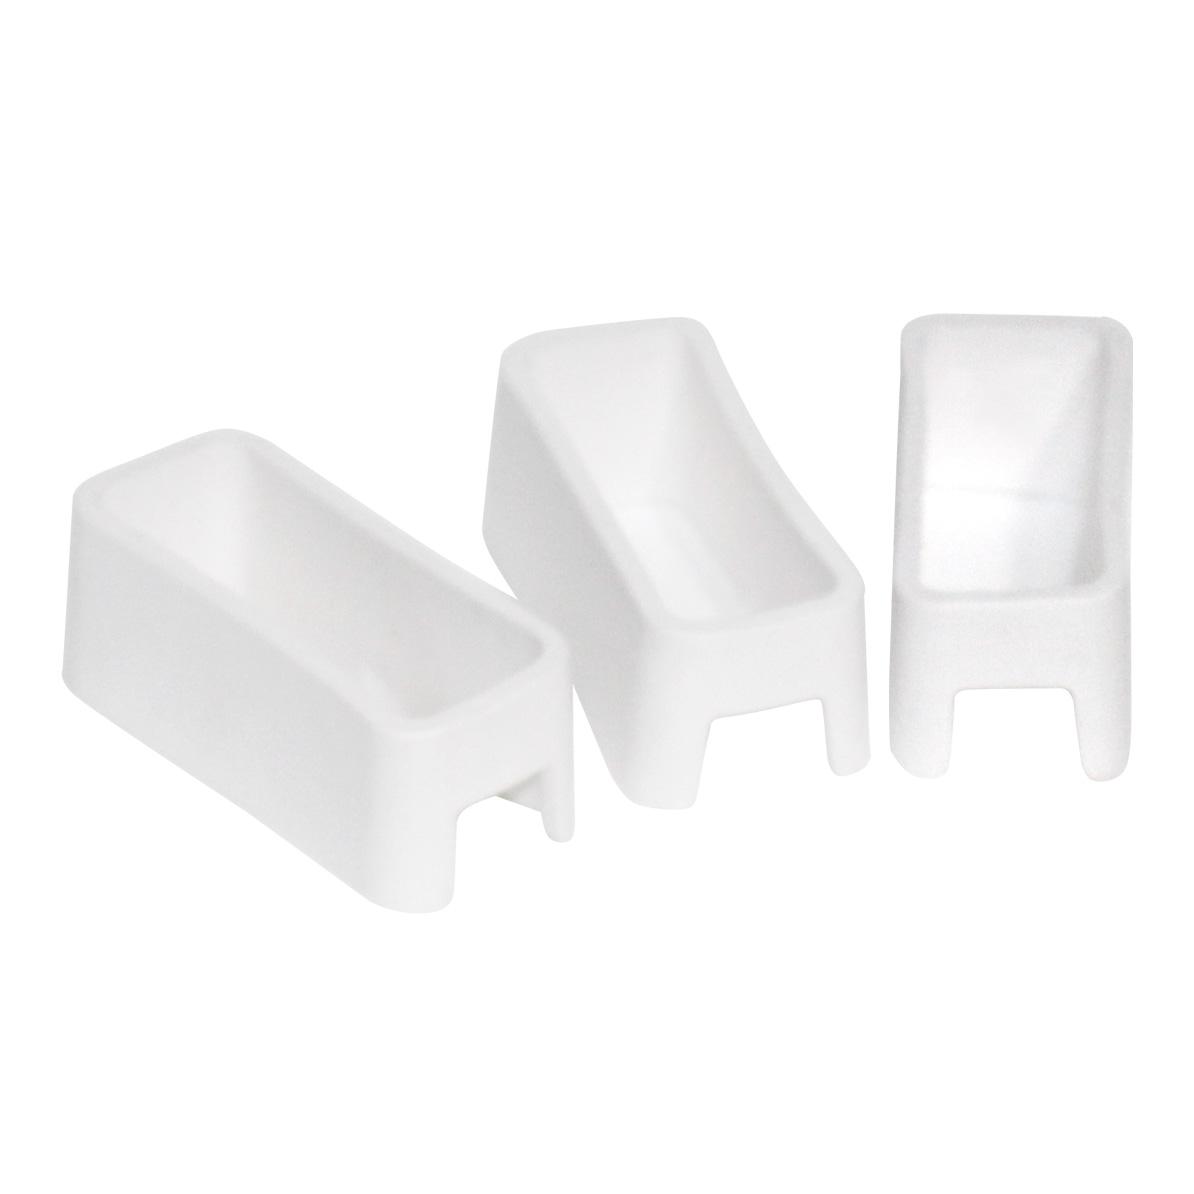 Anel de vedação kit parcial (Pacote com 3 unidades)